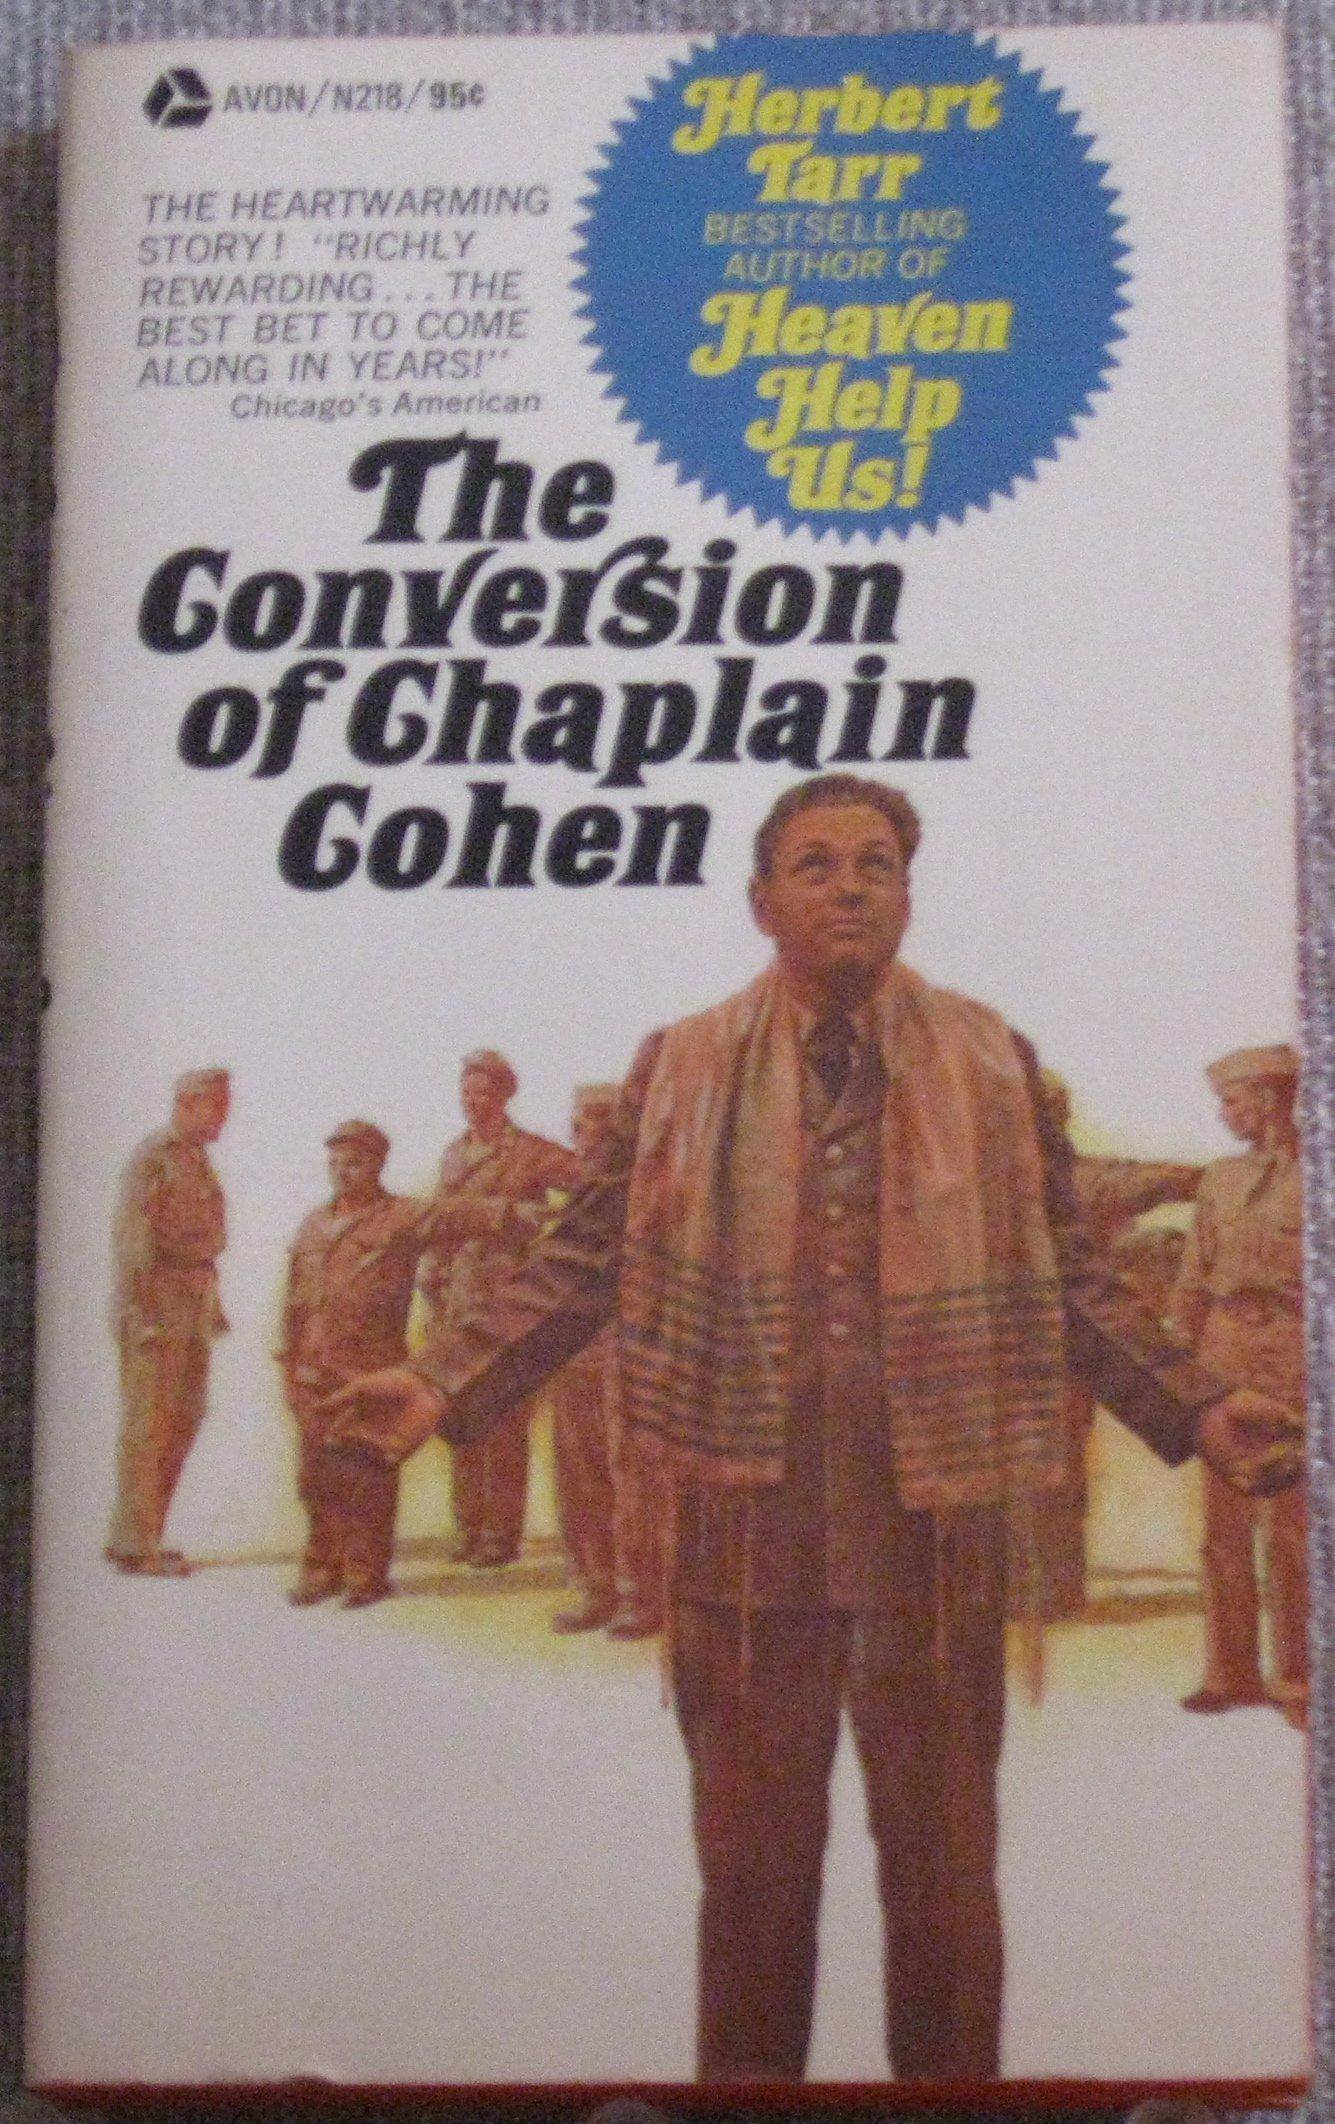 The Conversion of Chaplain Cohen